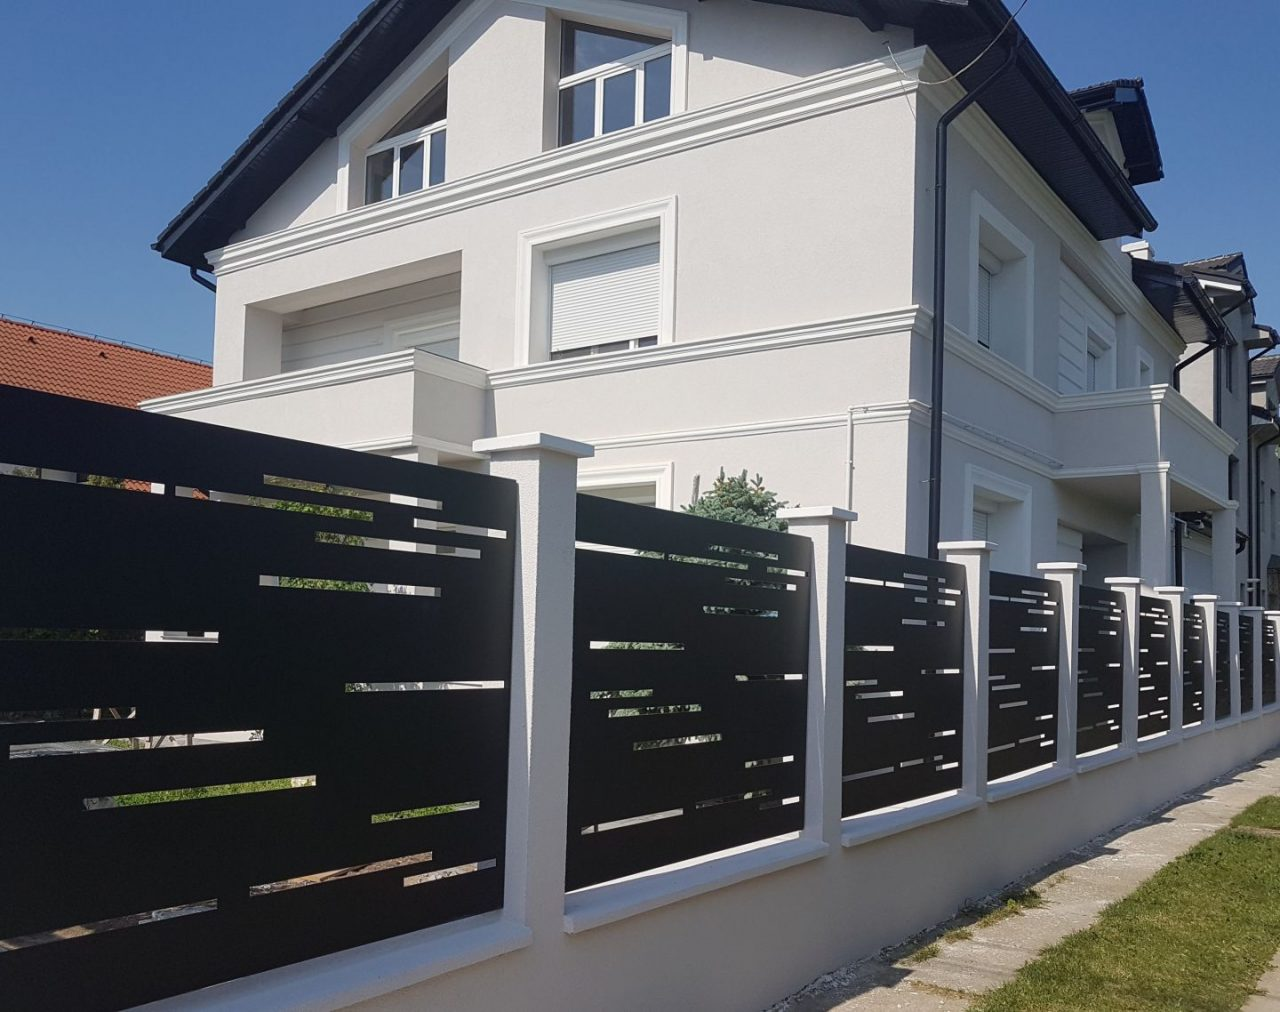 locuinta rezidentiala cu gard modern din panouri traforate la plasma